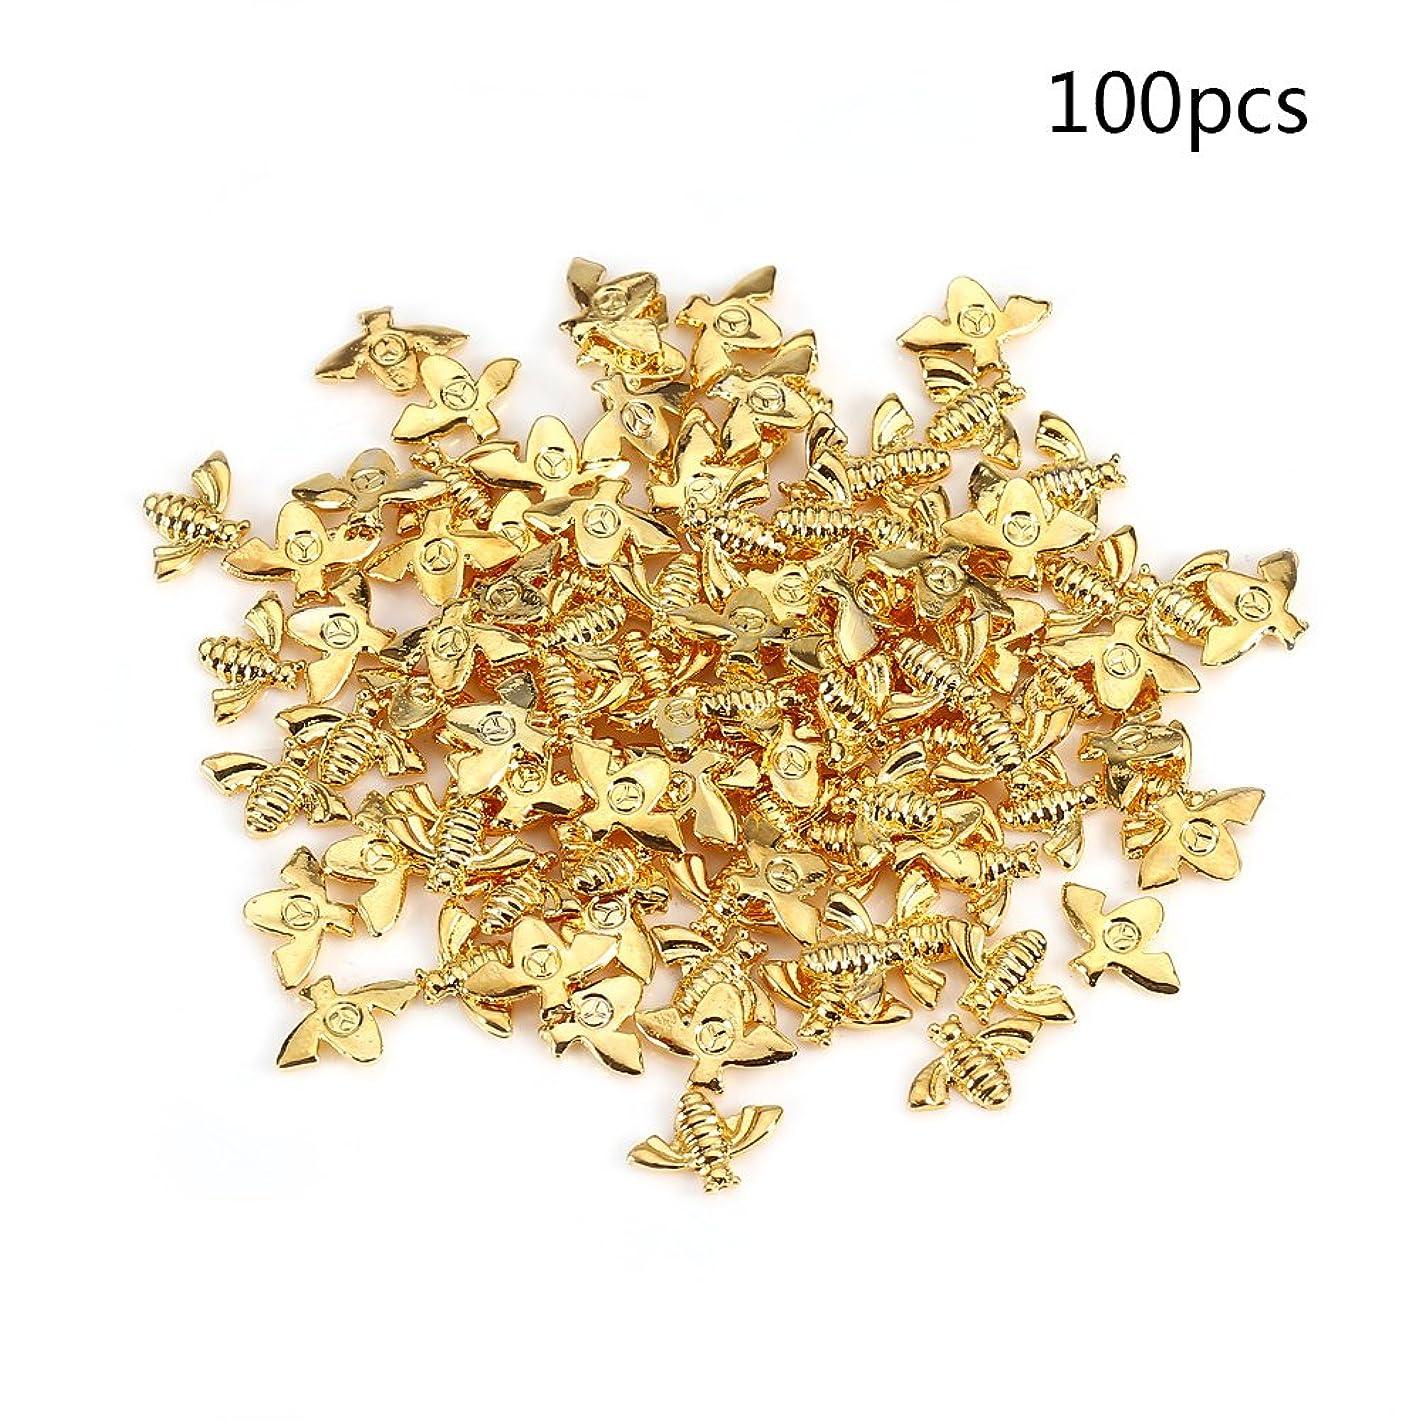 最近ペナルティ若い100pcs / Bag Metal Bees 3Dネイルデコレーションデカール(ゴールド)